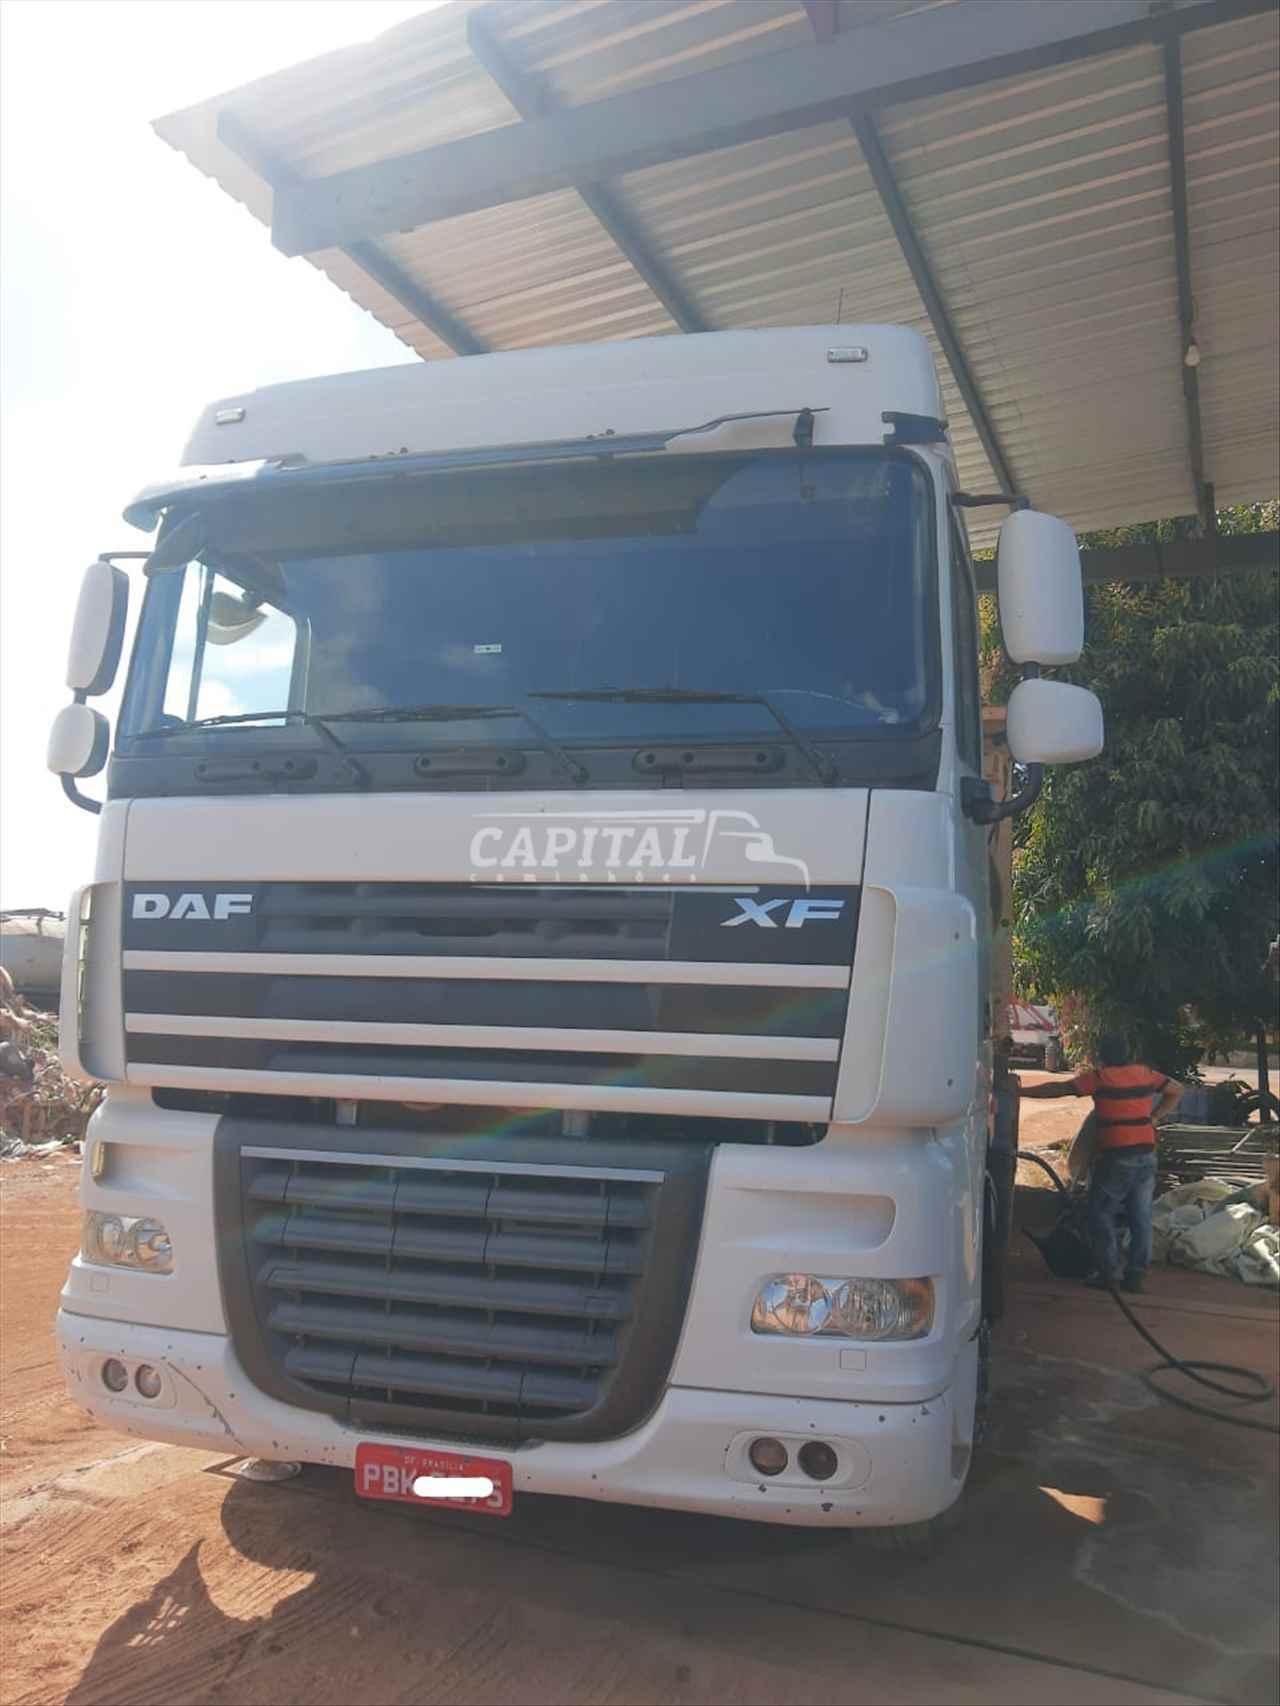 CAMINHAO DAF DAF XF105 510 Capital Caminhões - Metalesp e Recrusul  BRASILIA DISTRITO FEDERAL DF